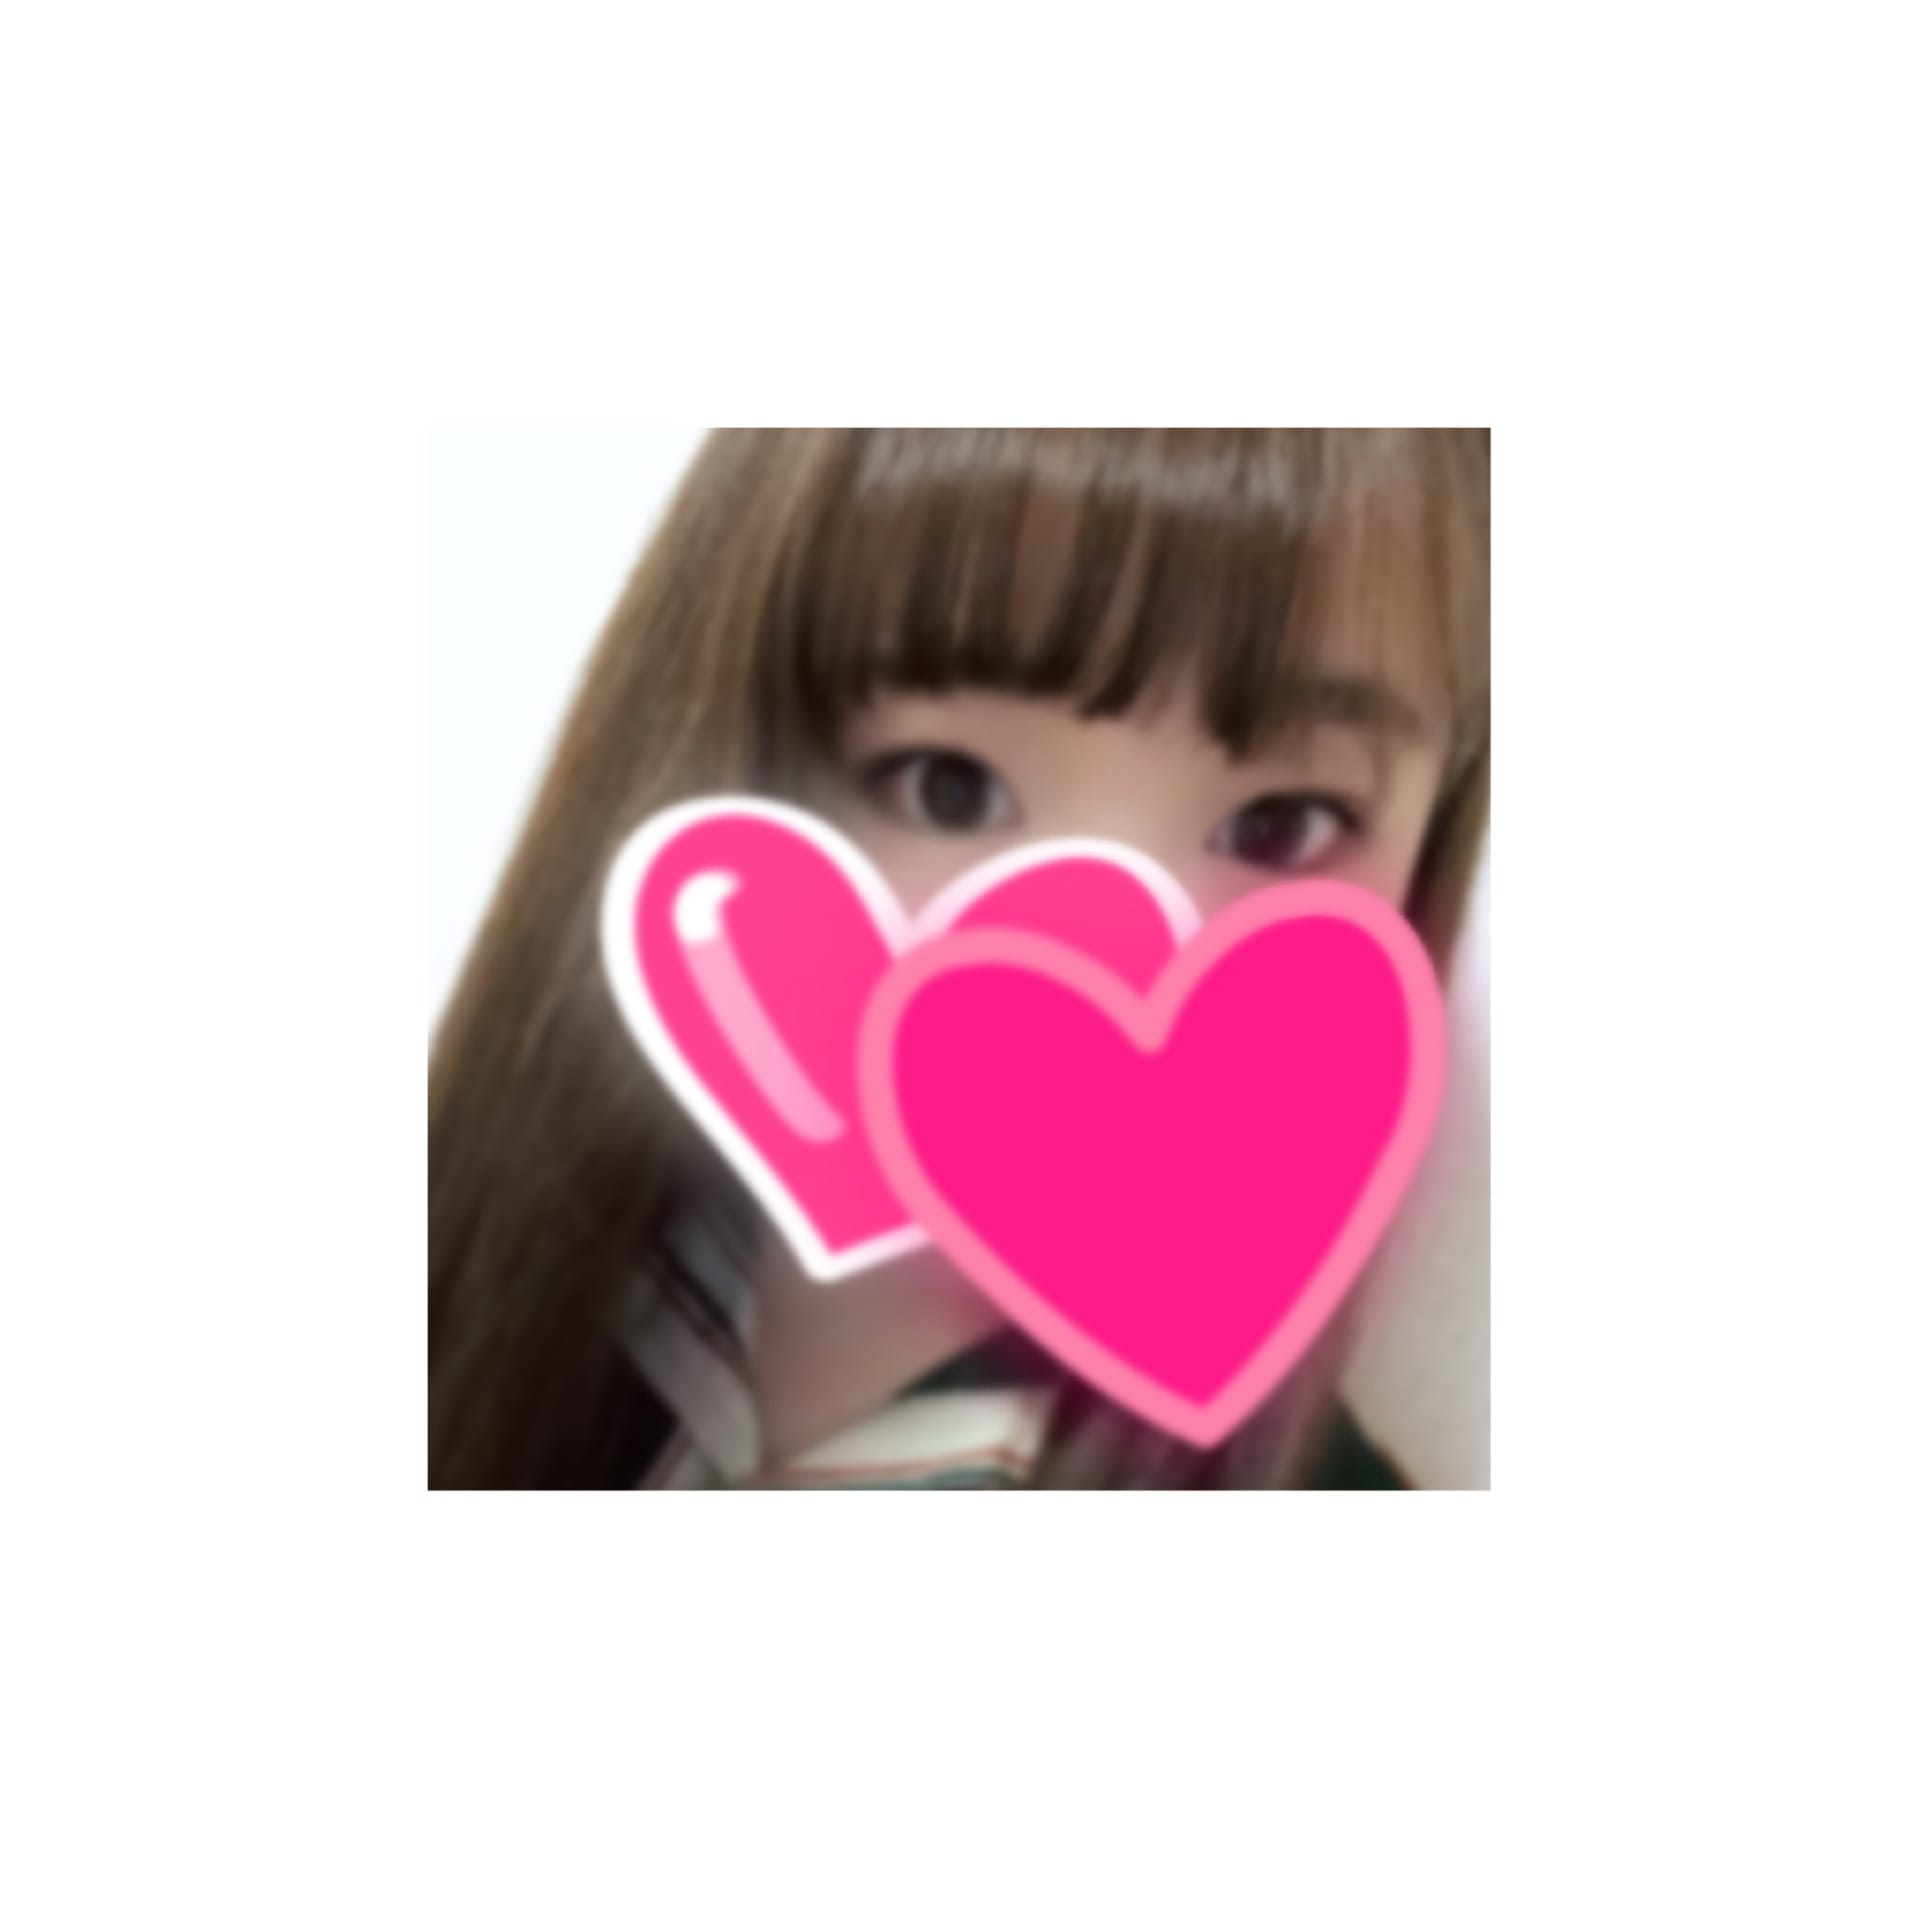 「こんばんは♡」04/19(04/19) 20:56   ここの写メ・風俗動画